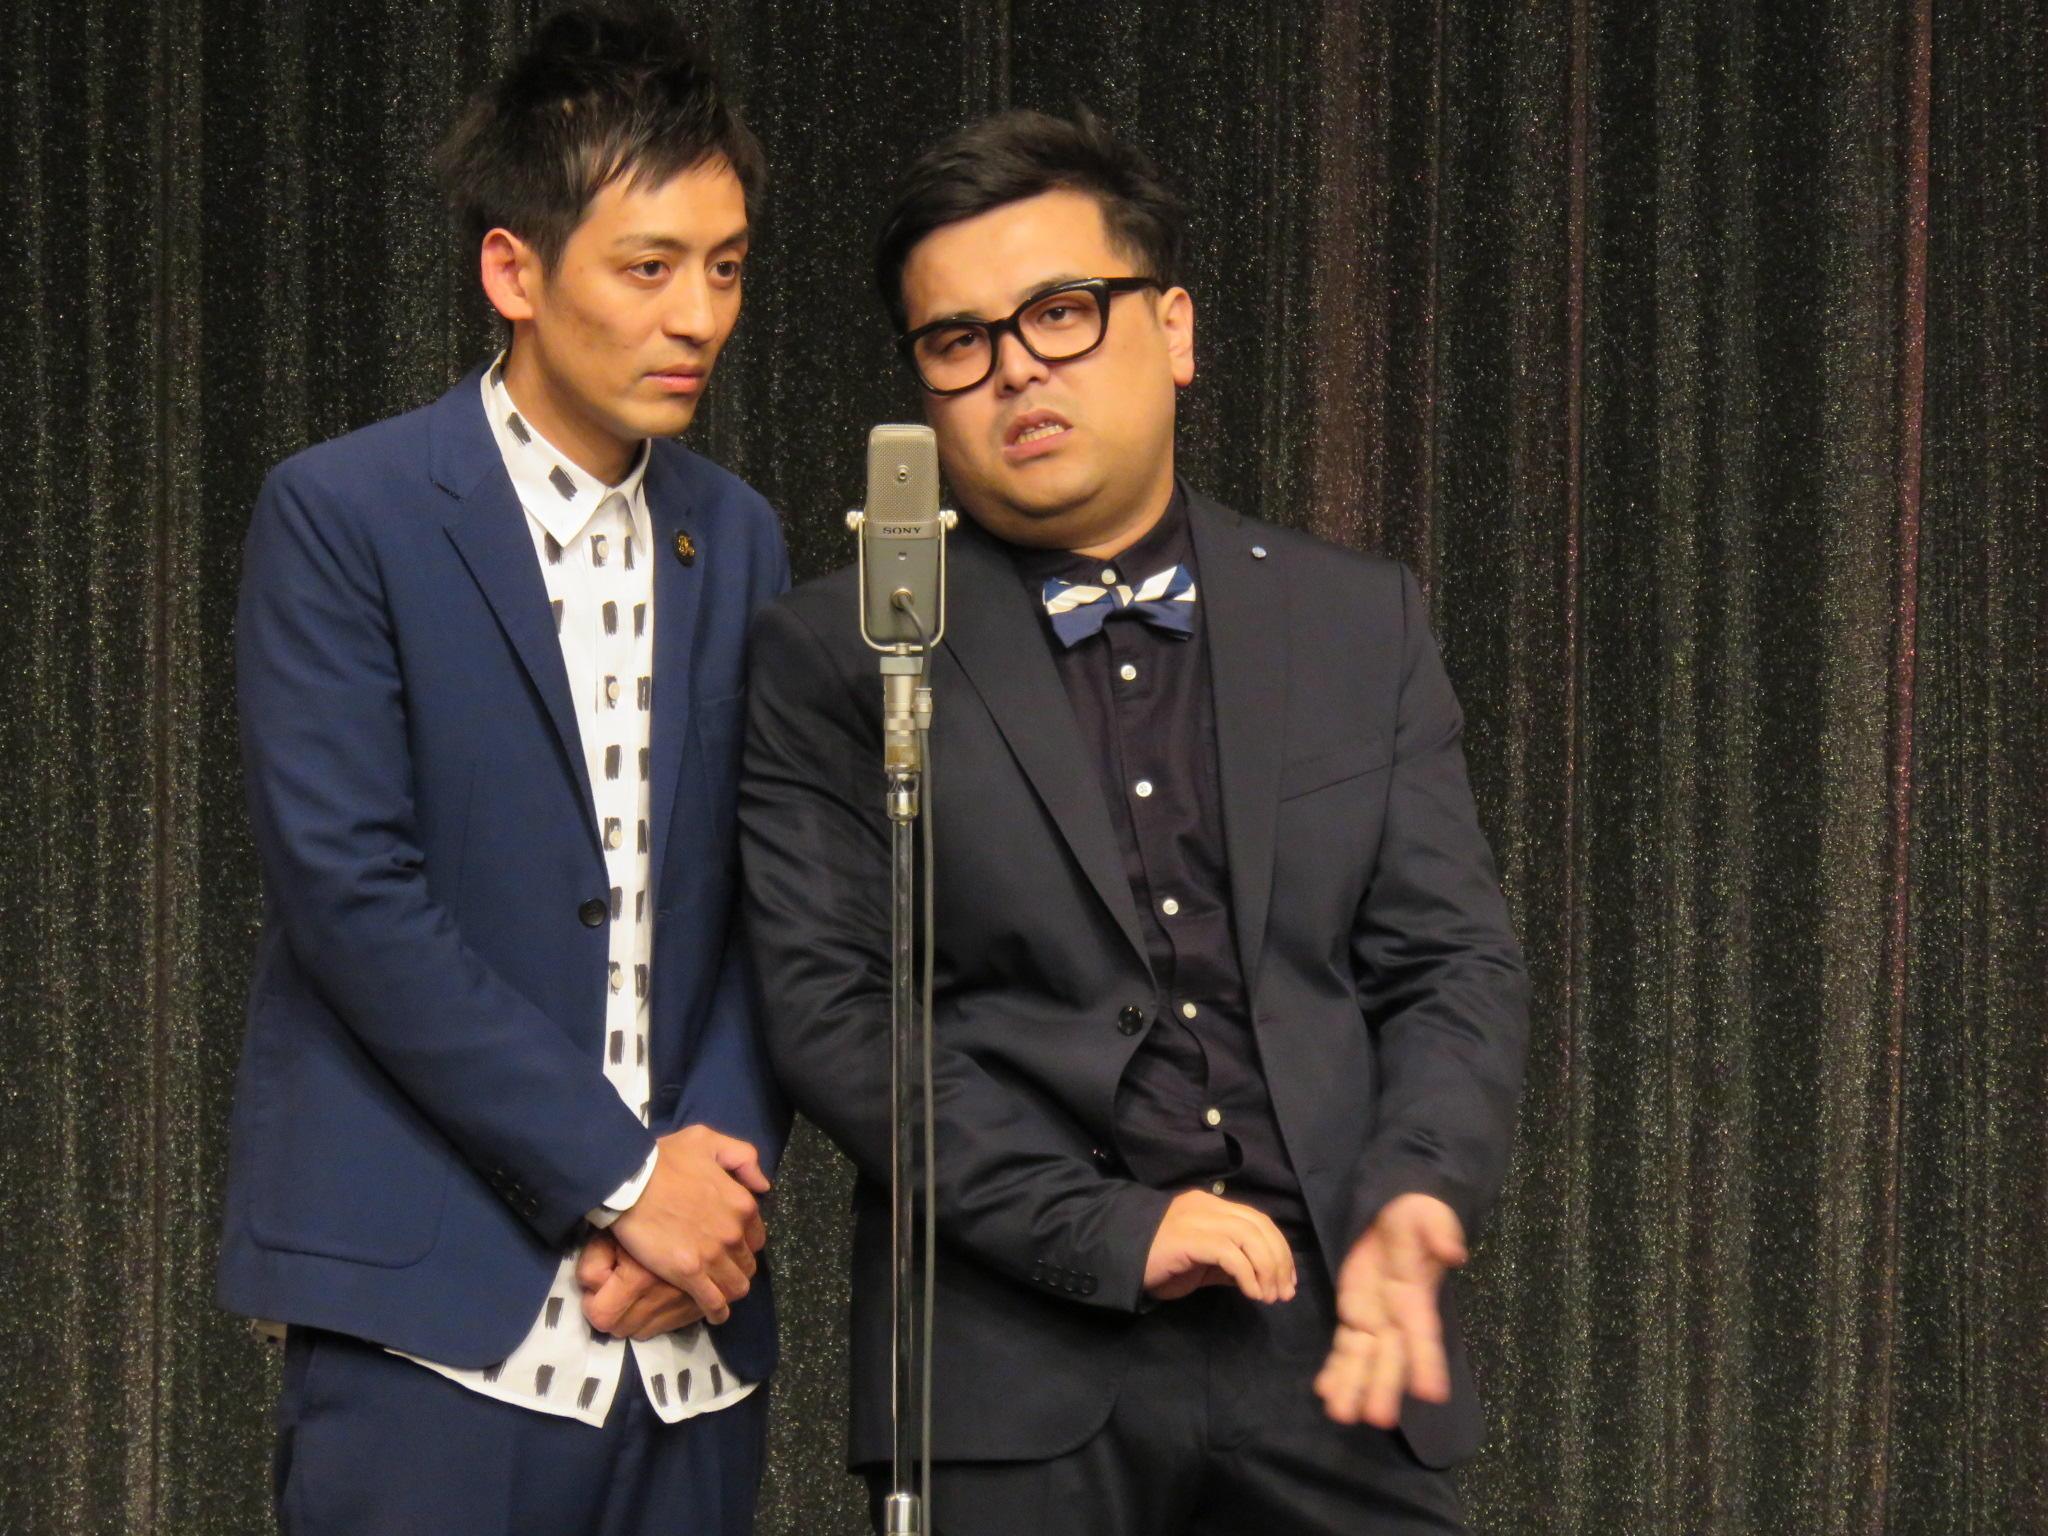 http://news.yoshimoto.co.jp/20151230170422-59d1a19e3115883ef1cd371db0c7b9e072d6d490.jpg